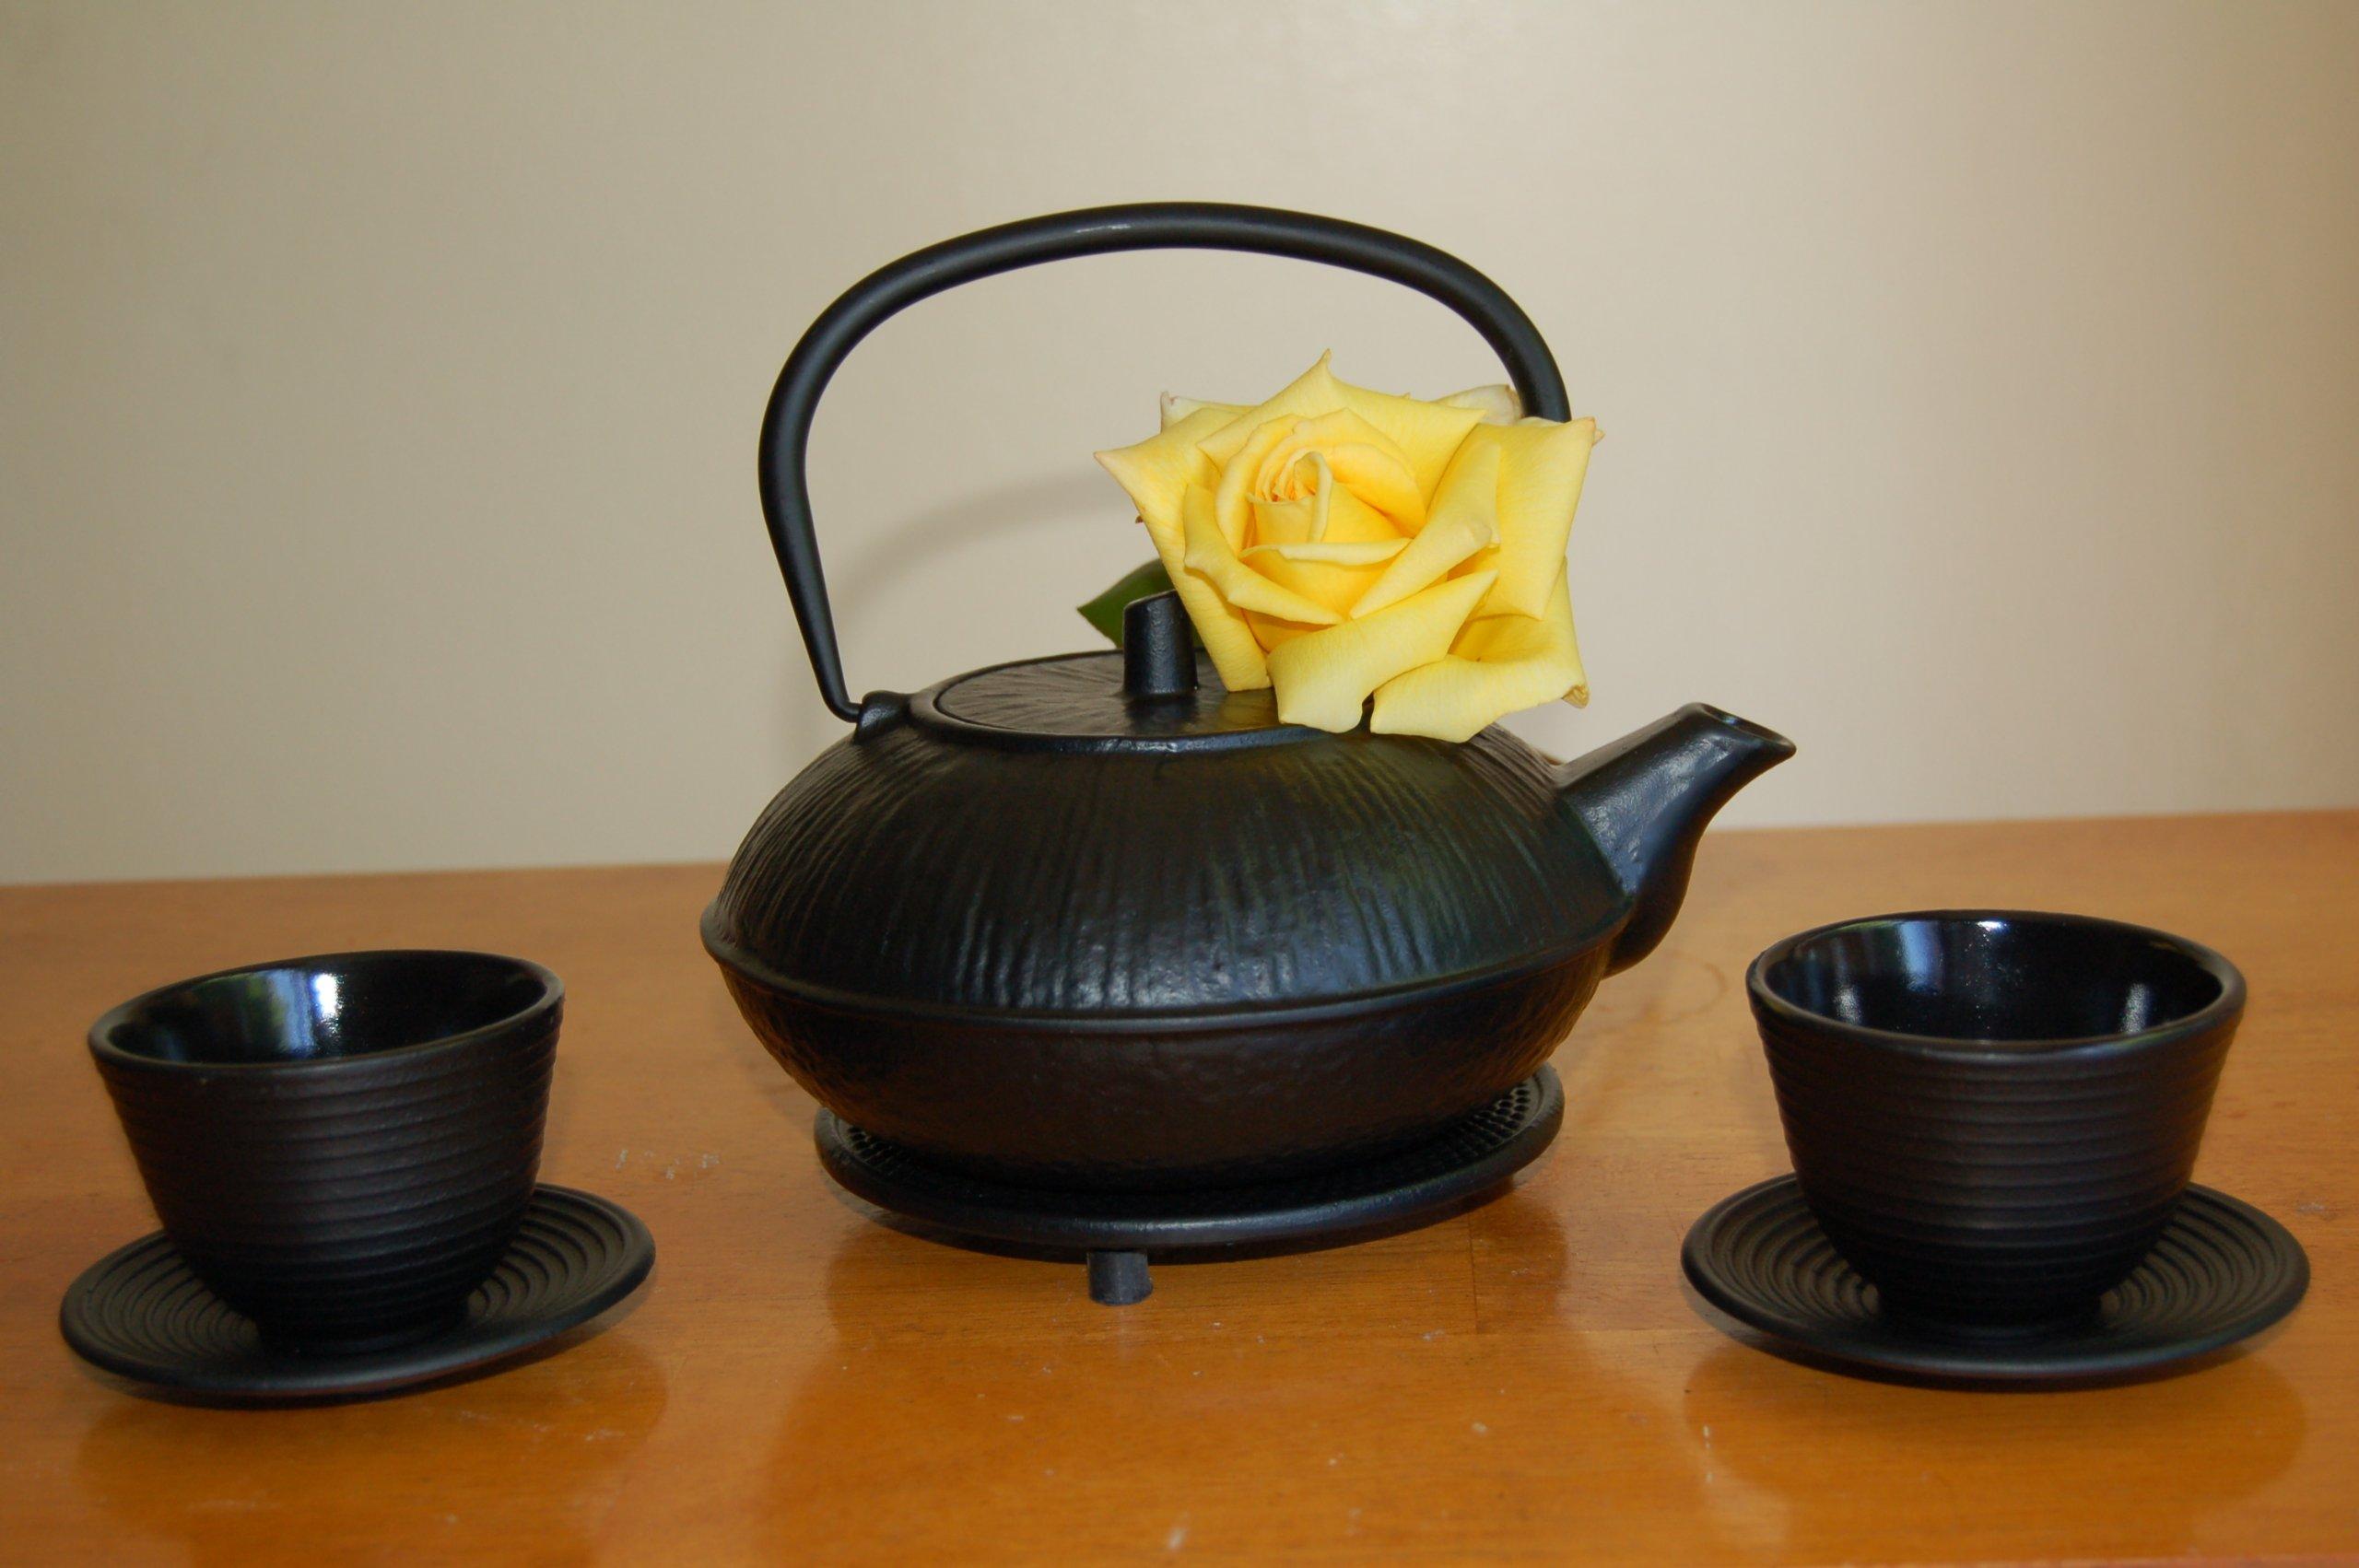 Japanese Style Cast Iron Teapot Set 37 Ounces Cups Trivet by Blue Moon Goods